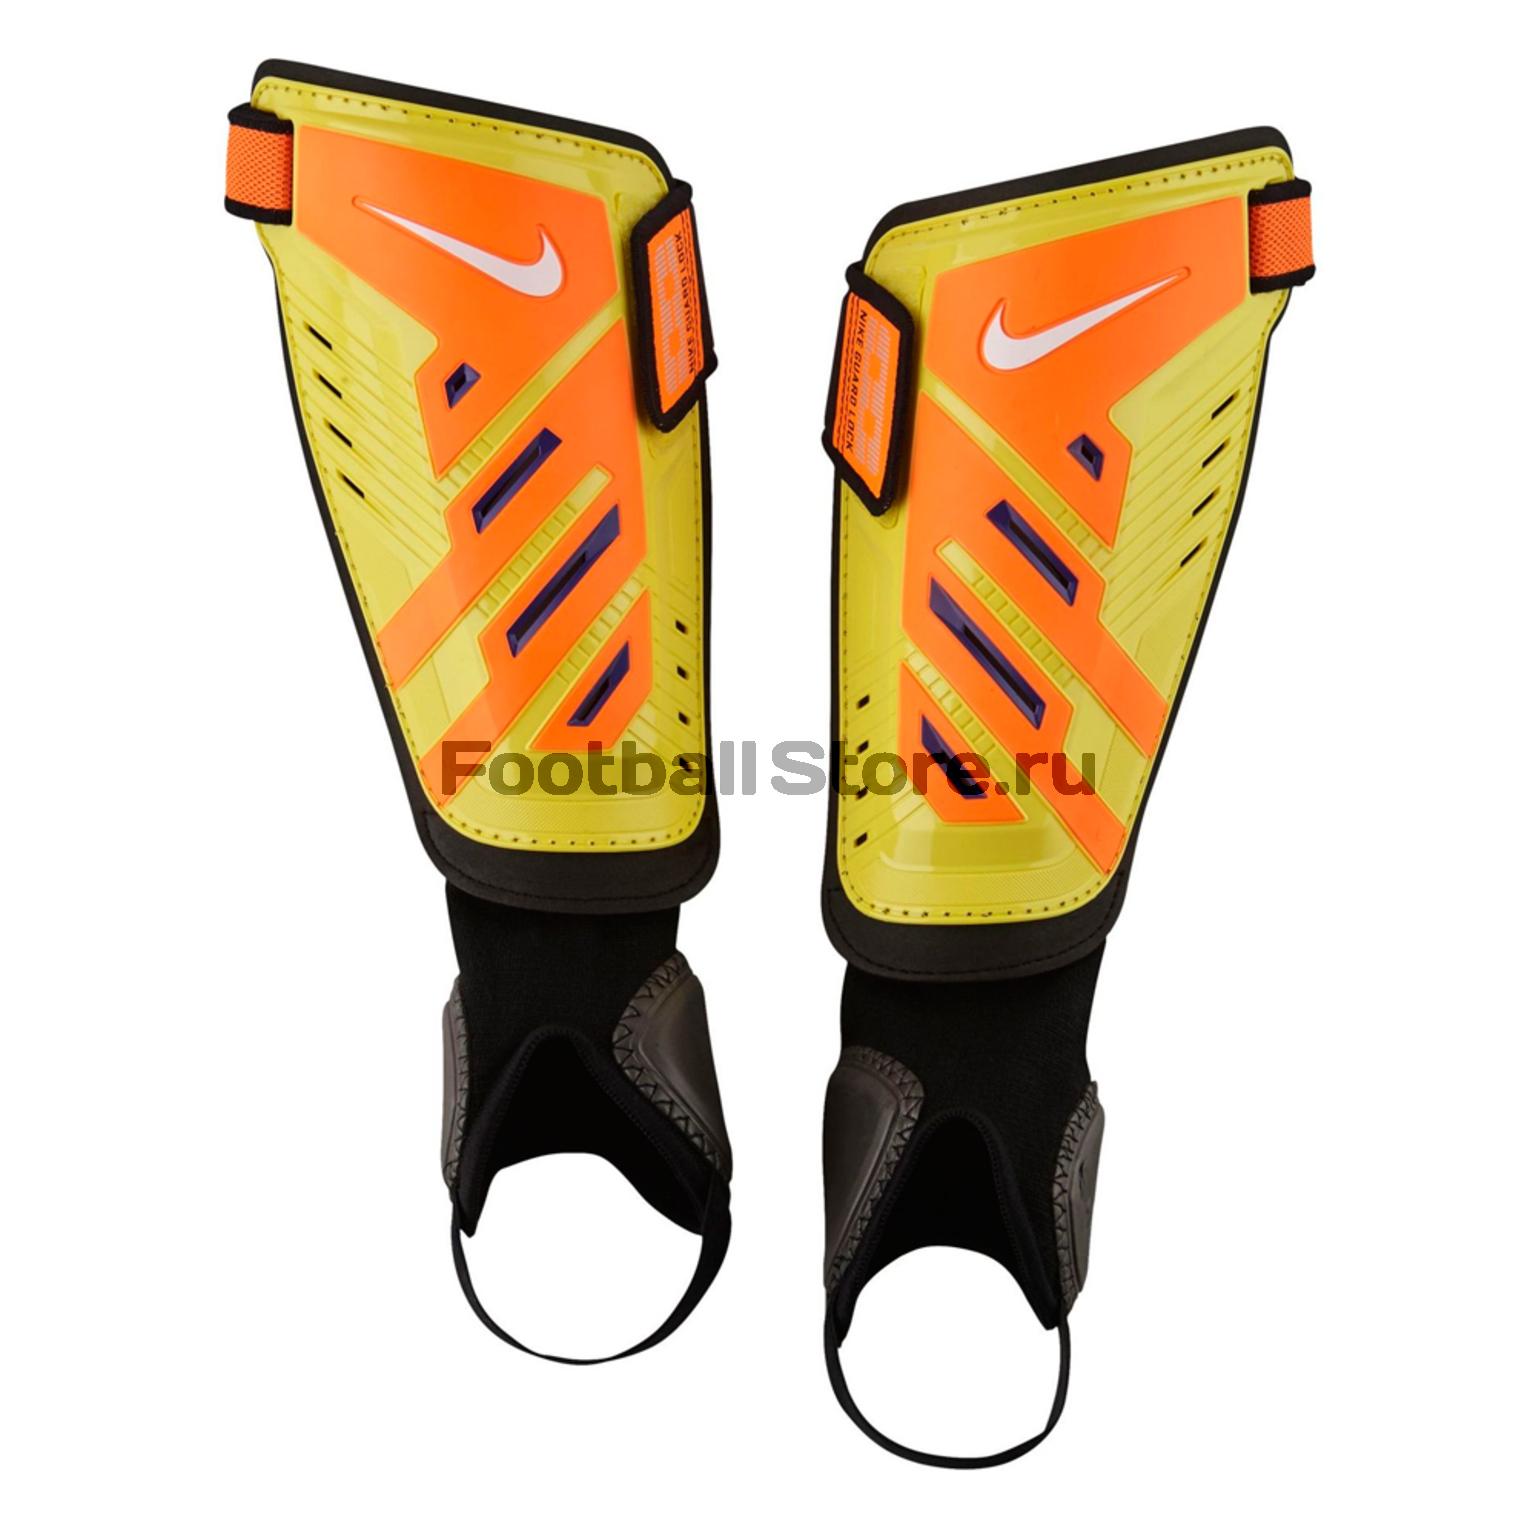 Nike Щитки футбольные Nike Protegga Shield SP0255-790 nike щитки nike protegga shield sp0255 069